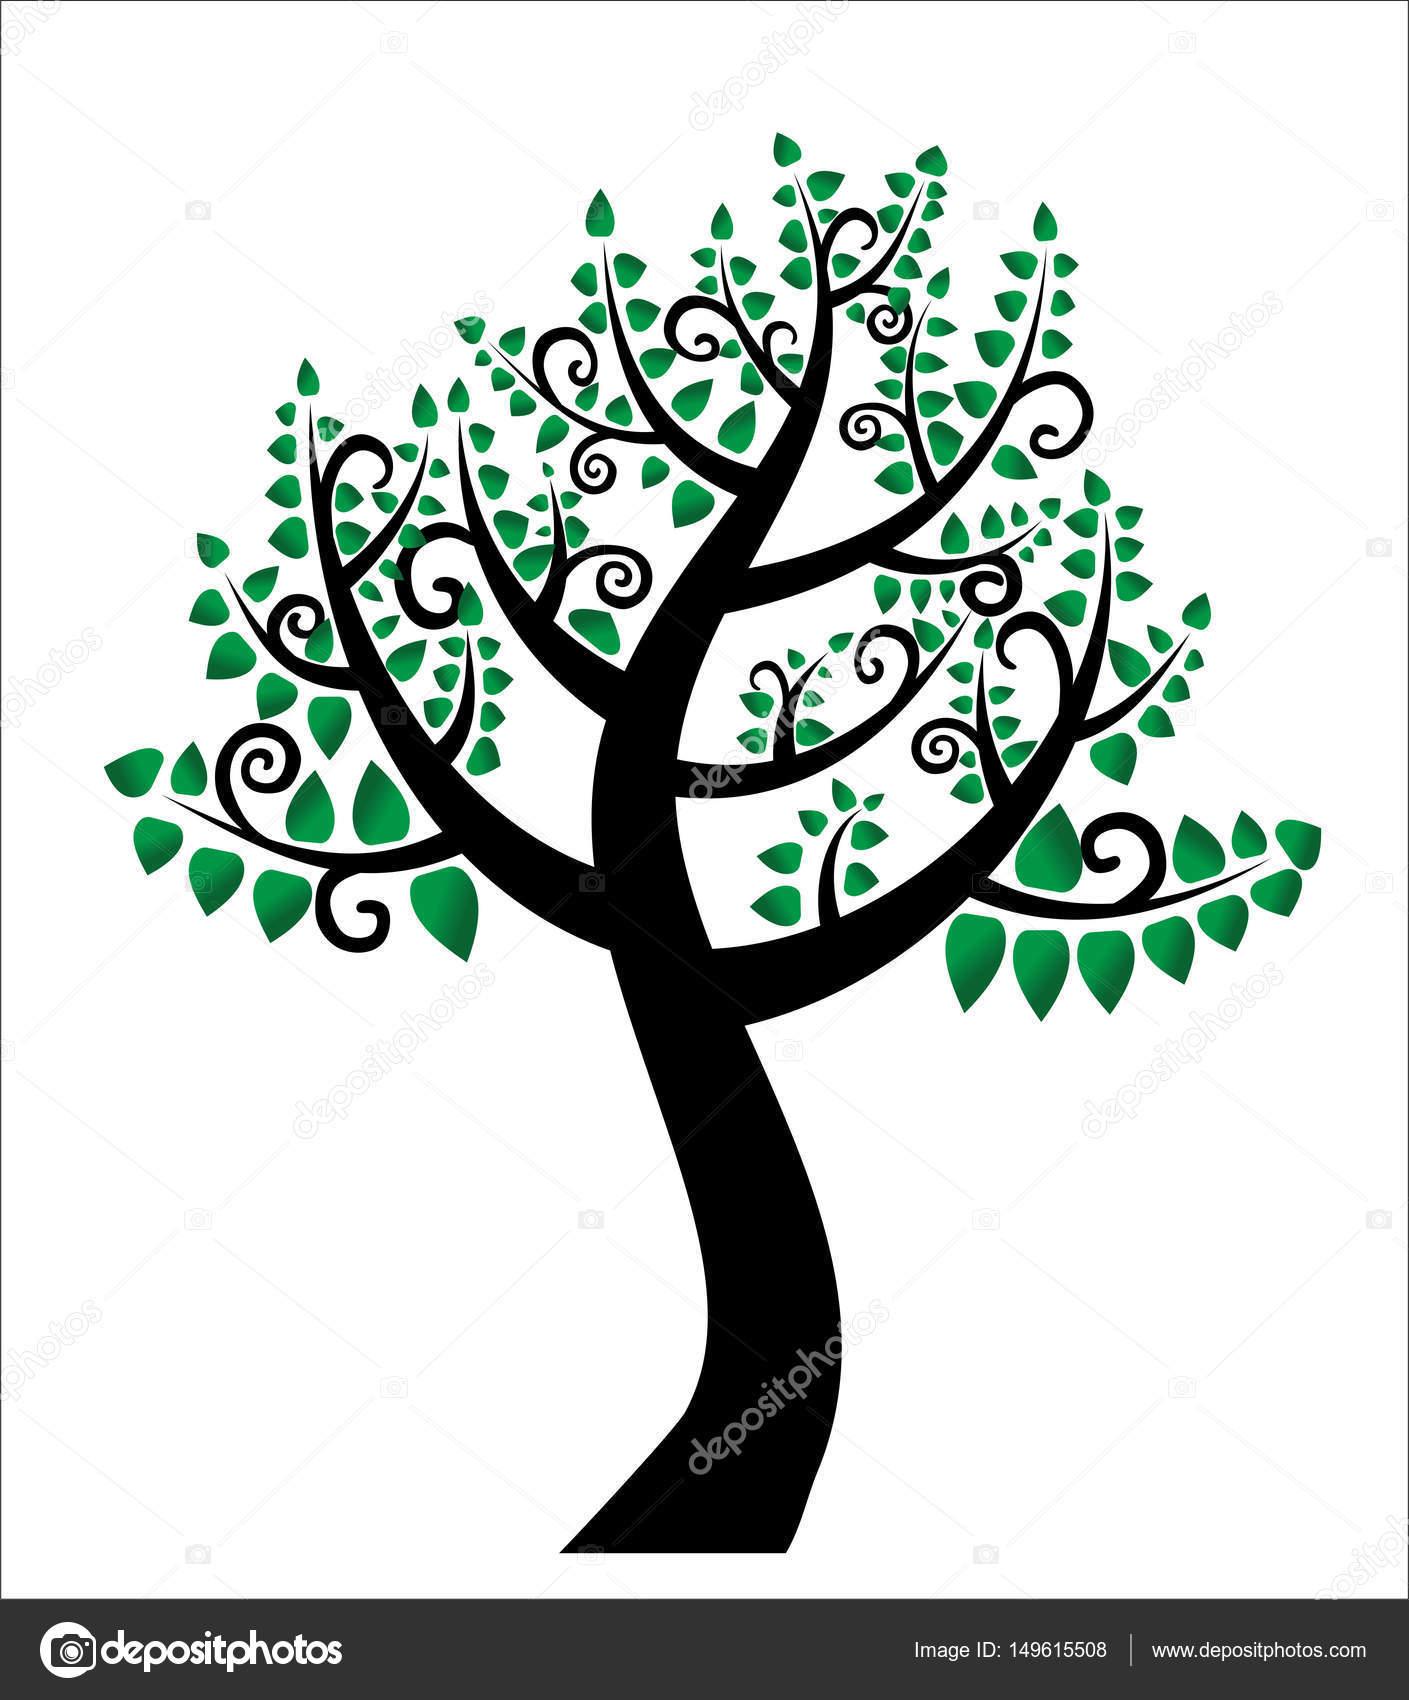 Dibujos El Arbol De La Vida Dibujo El árbol De Familia Del árbol